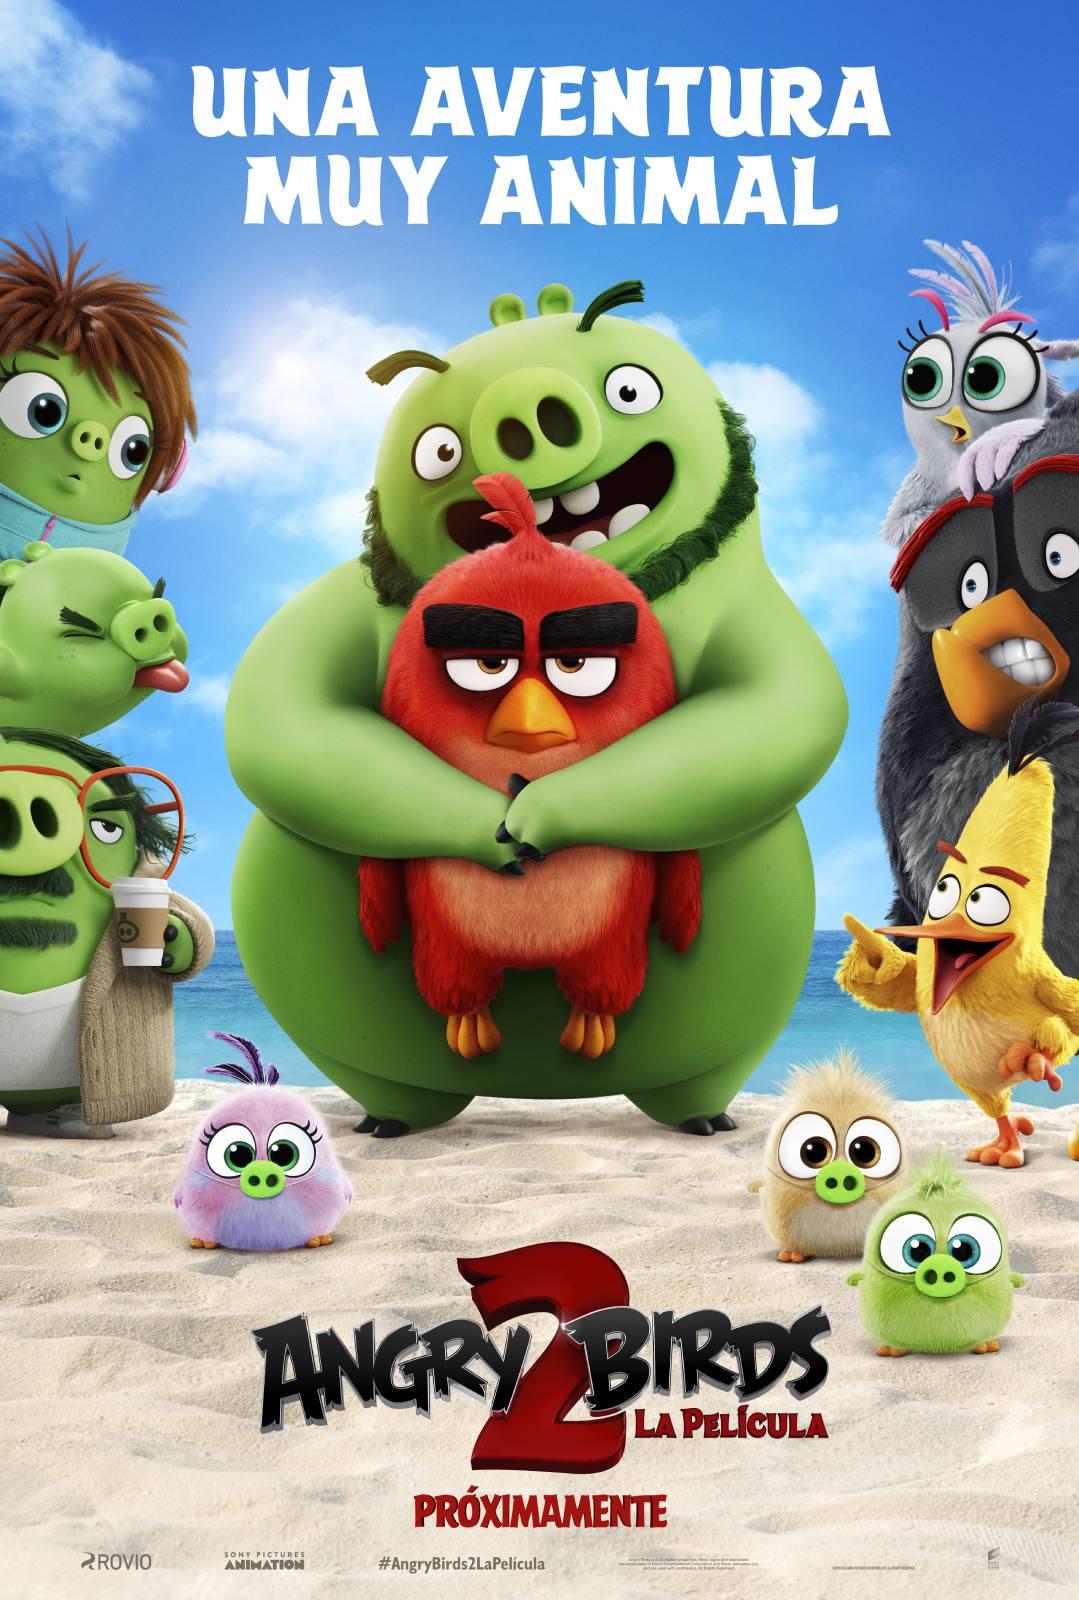 Best day de Kesha, anticipo de la banda sonora de Angry Birds 2